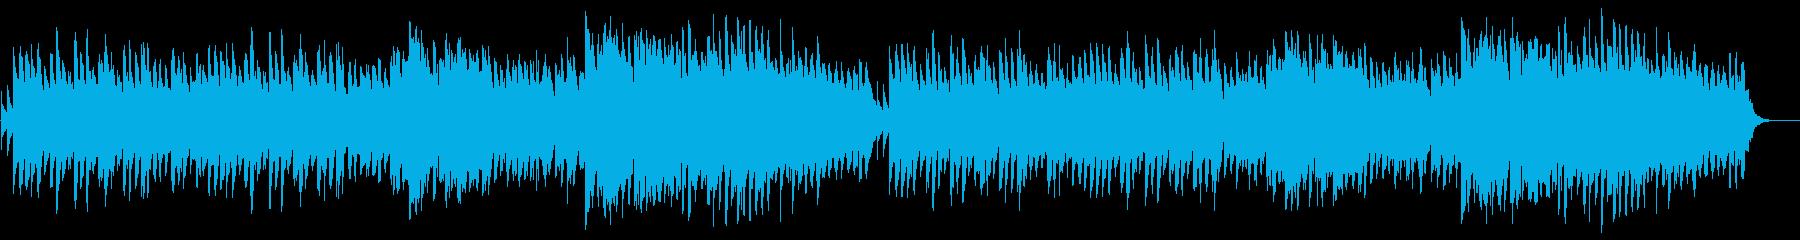 ピアノとフルートののどかなBGMの再生済みの波形